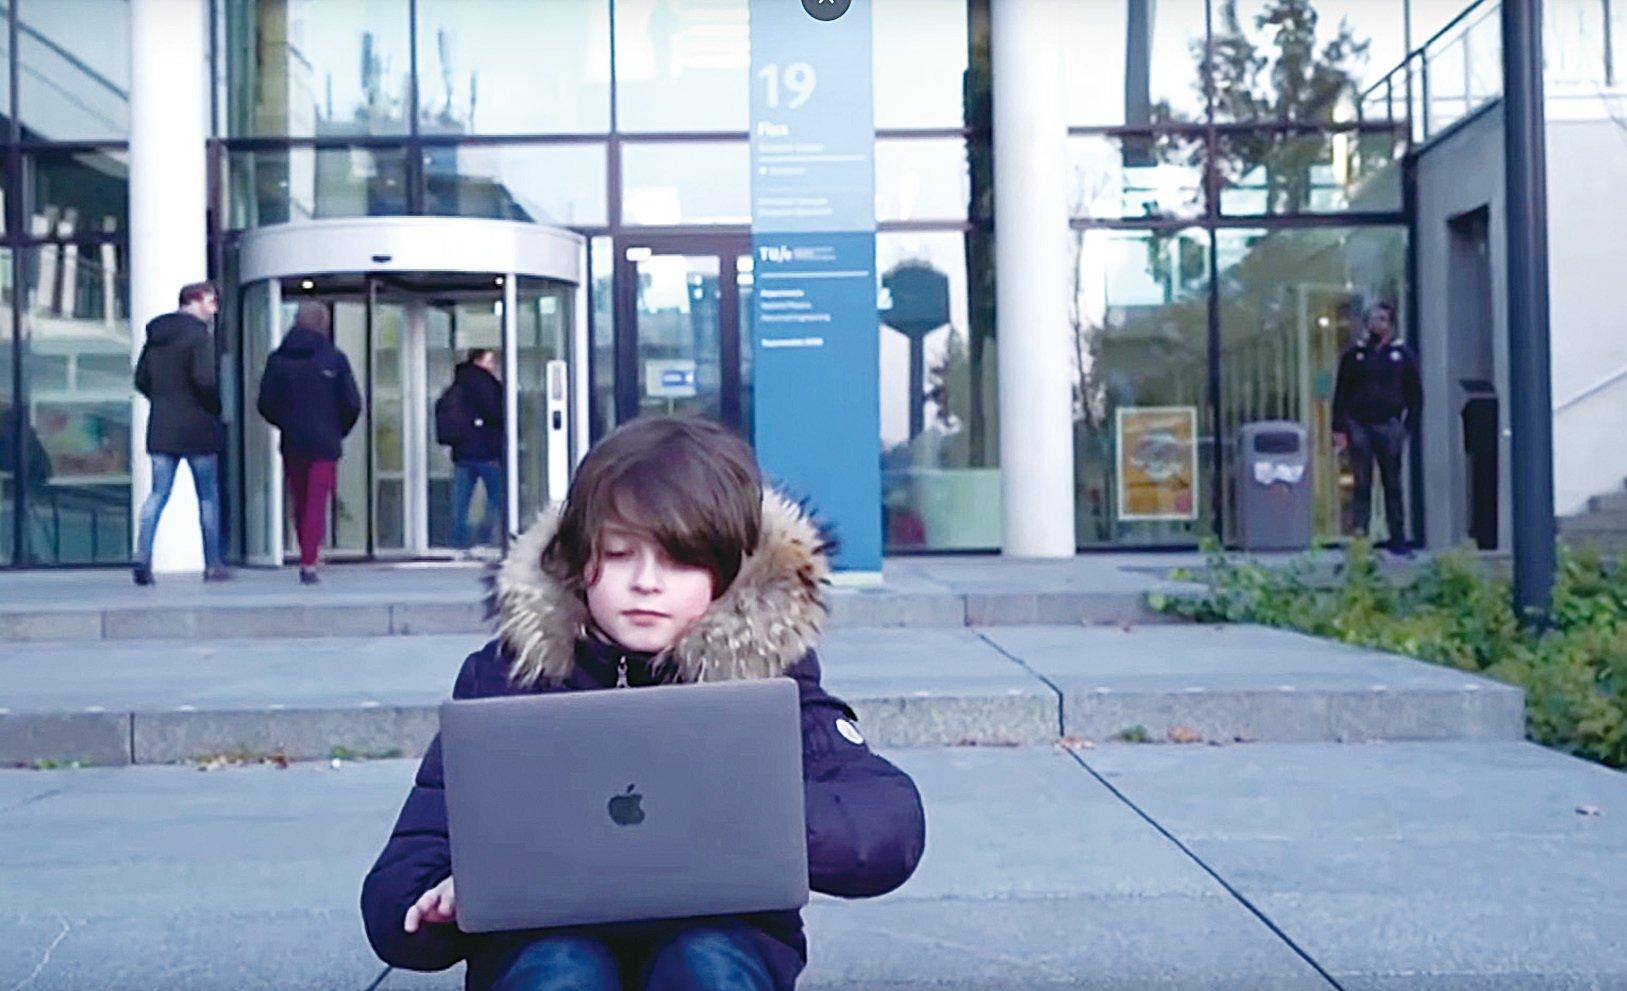 比利時男孩9歲的洛朗西蒙斯被稱為天才兒童,他用9個月時間修讀完大學課程。(影片截圖)